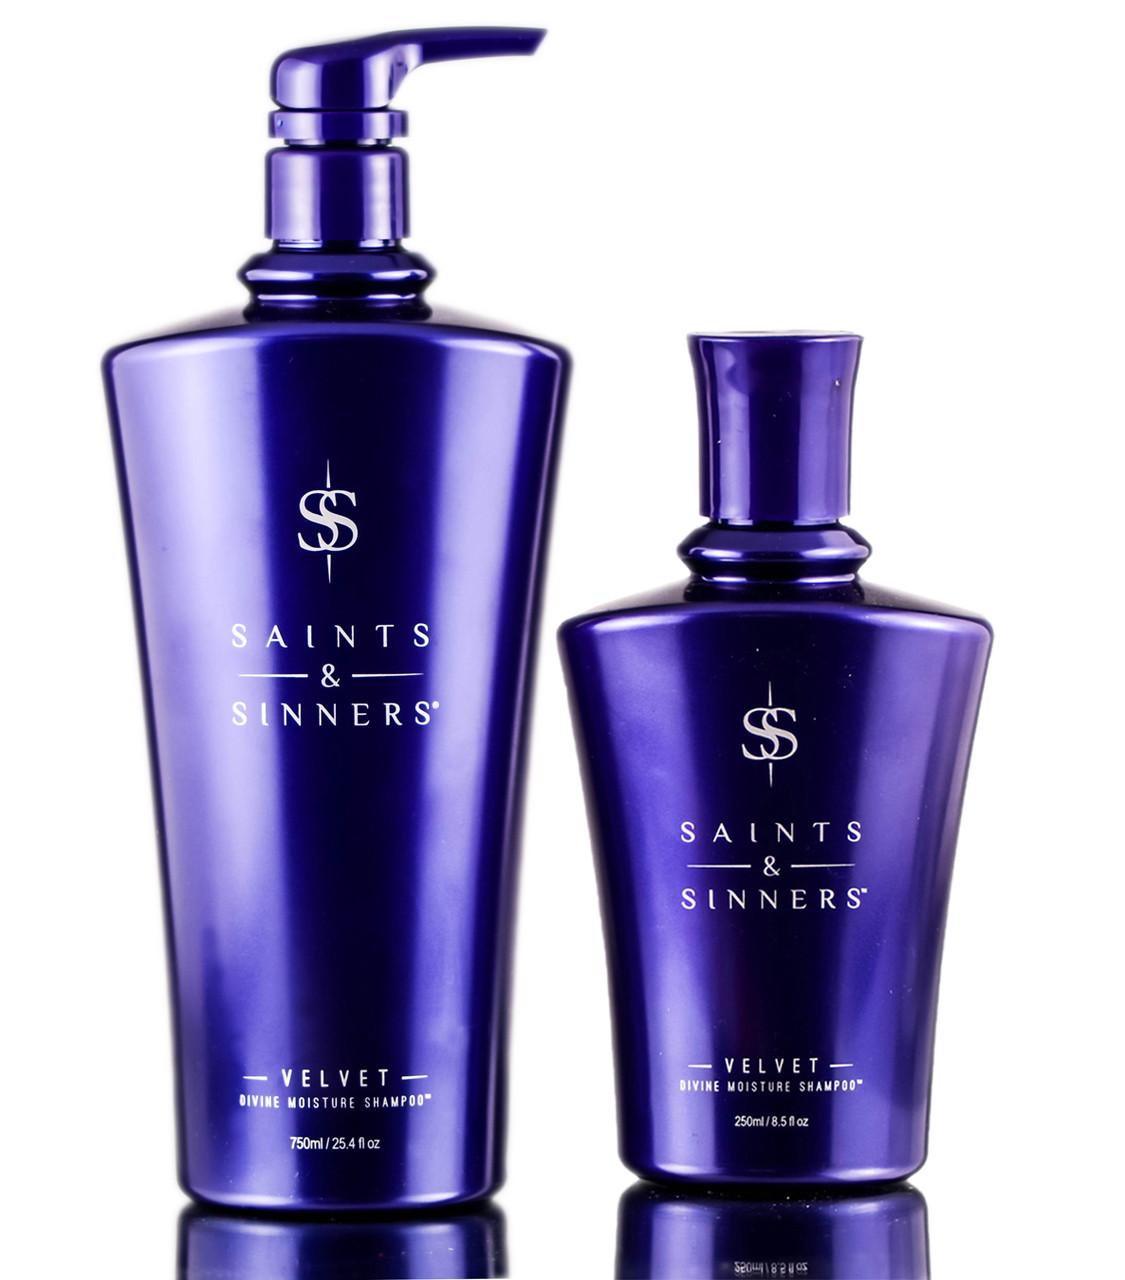 Velvet shampoo